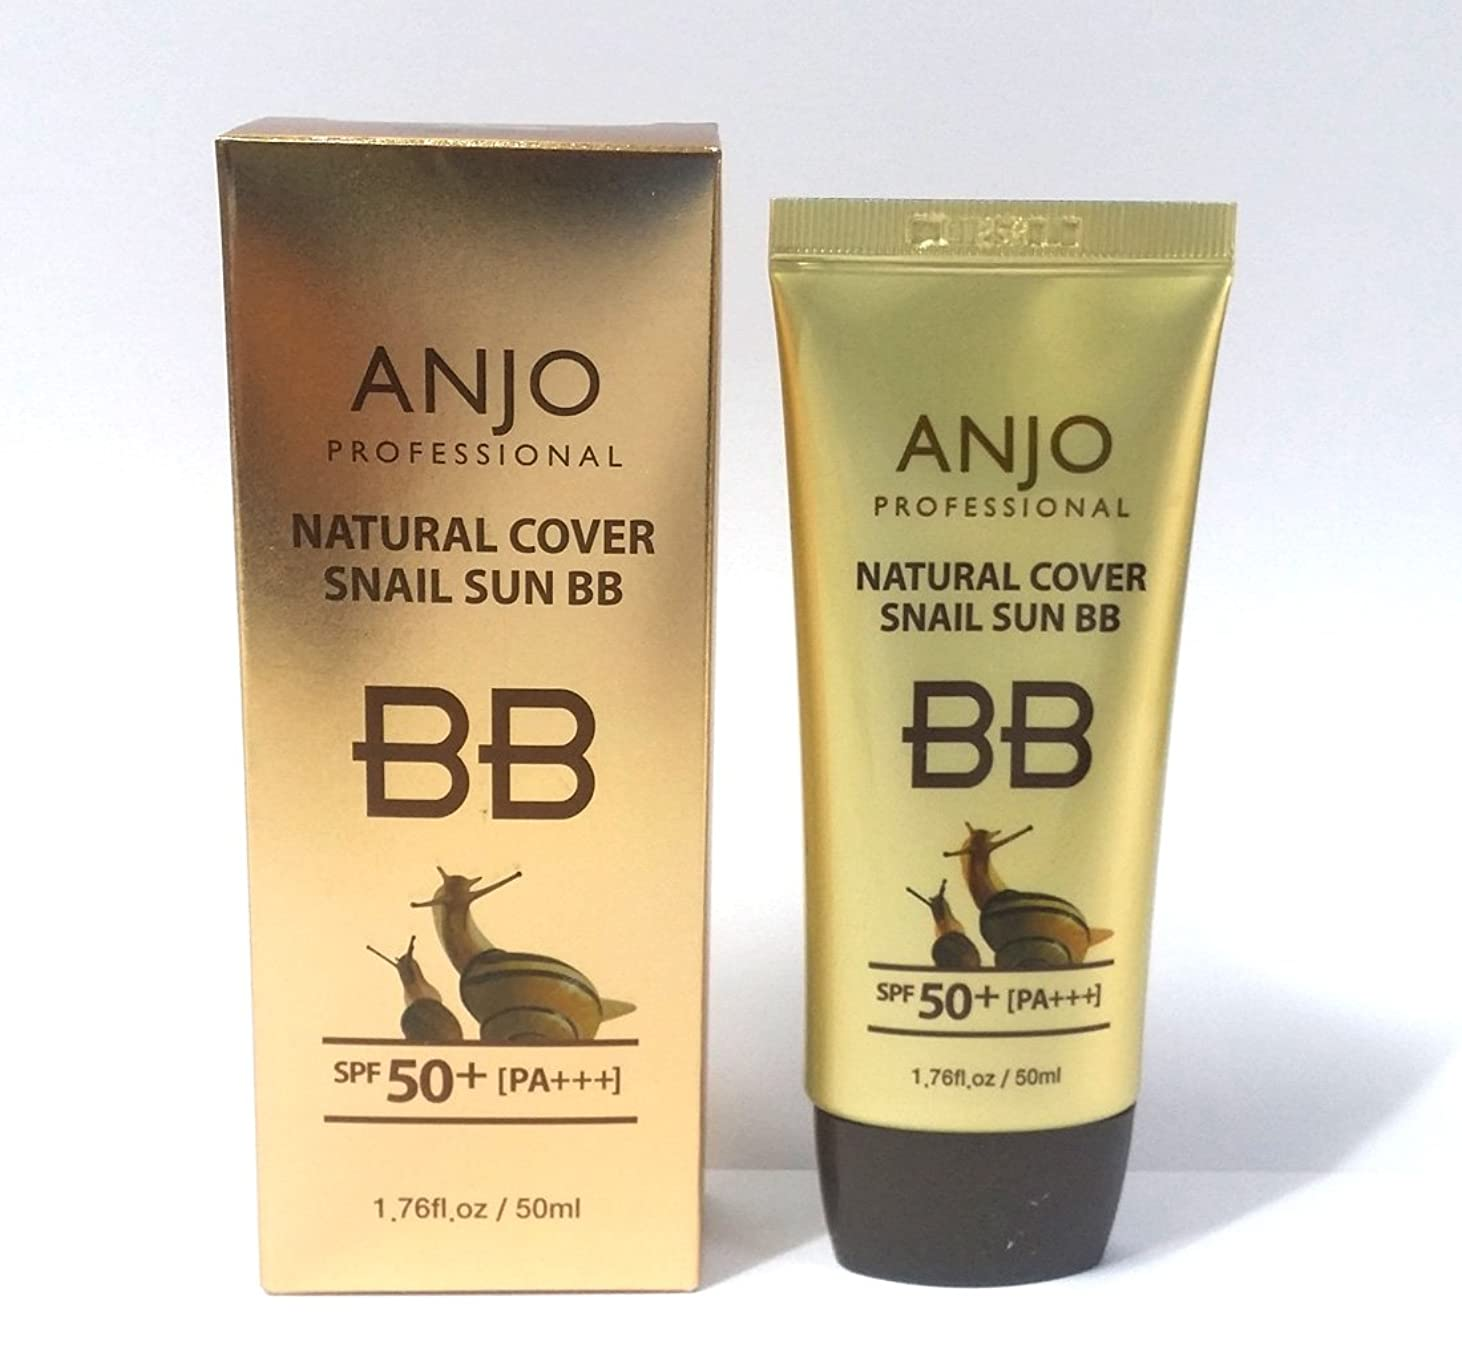 芸術的フェードバレル[ANJO] ナチュラルカバーカタツムリサンBBクリームSPF 50 + PA +++ 50ml X 6EA /メイクアップベース/カタツムリ粘液 / Natural Cover Snail Sun BB Cream SPF 50+PA+++ 50ml X 6EA / Makeup Base / Snail Mucus / 韓国化粧品 / Korean Cosmetics [並行輸入品]